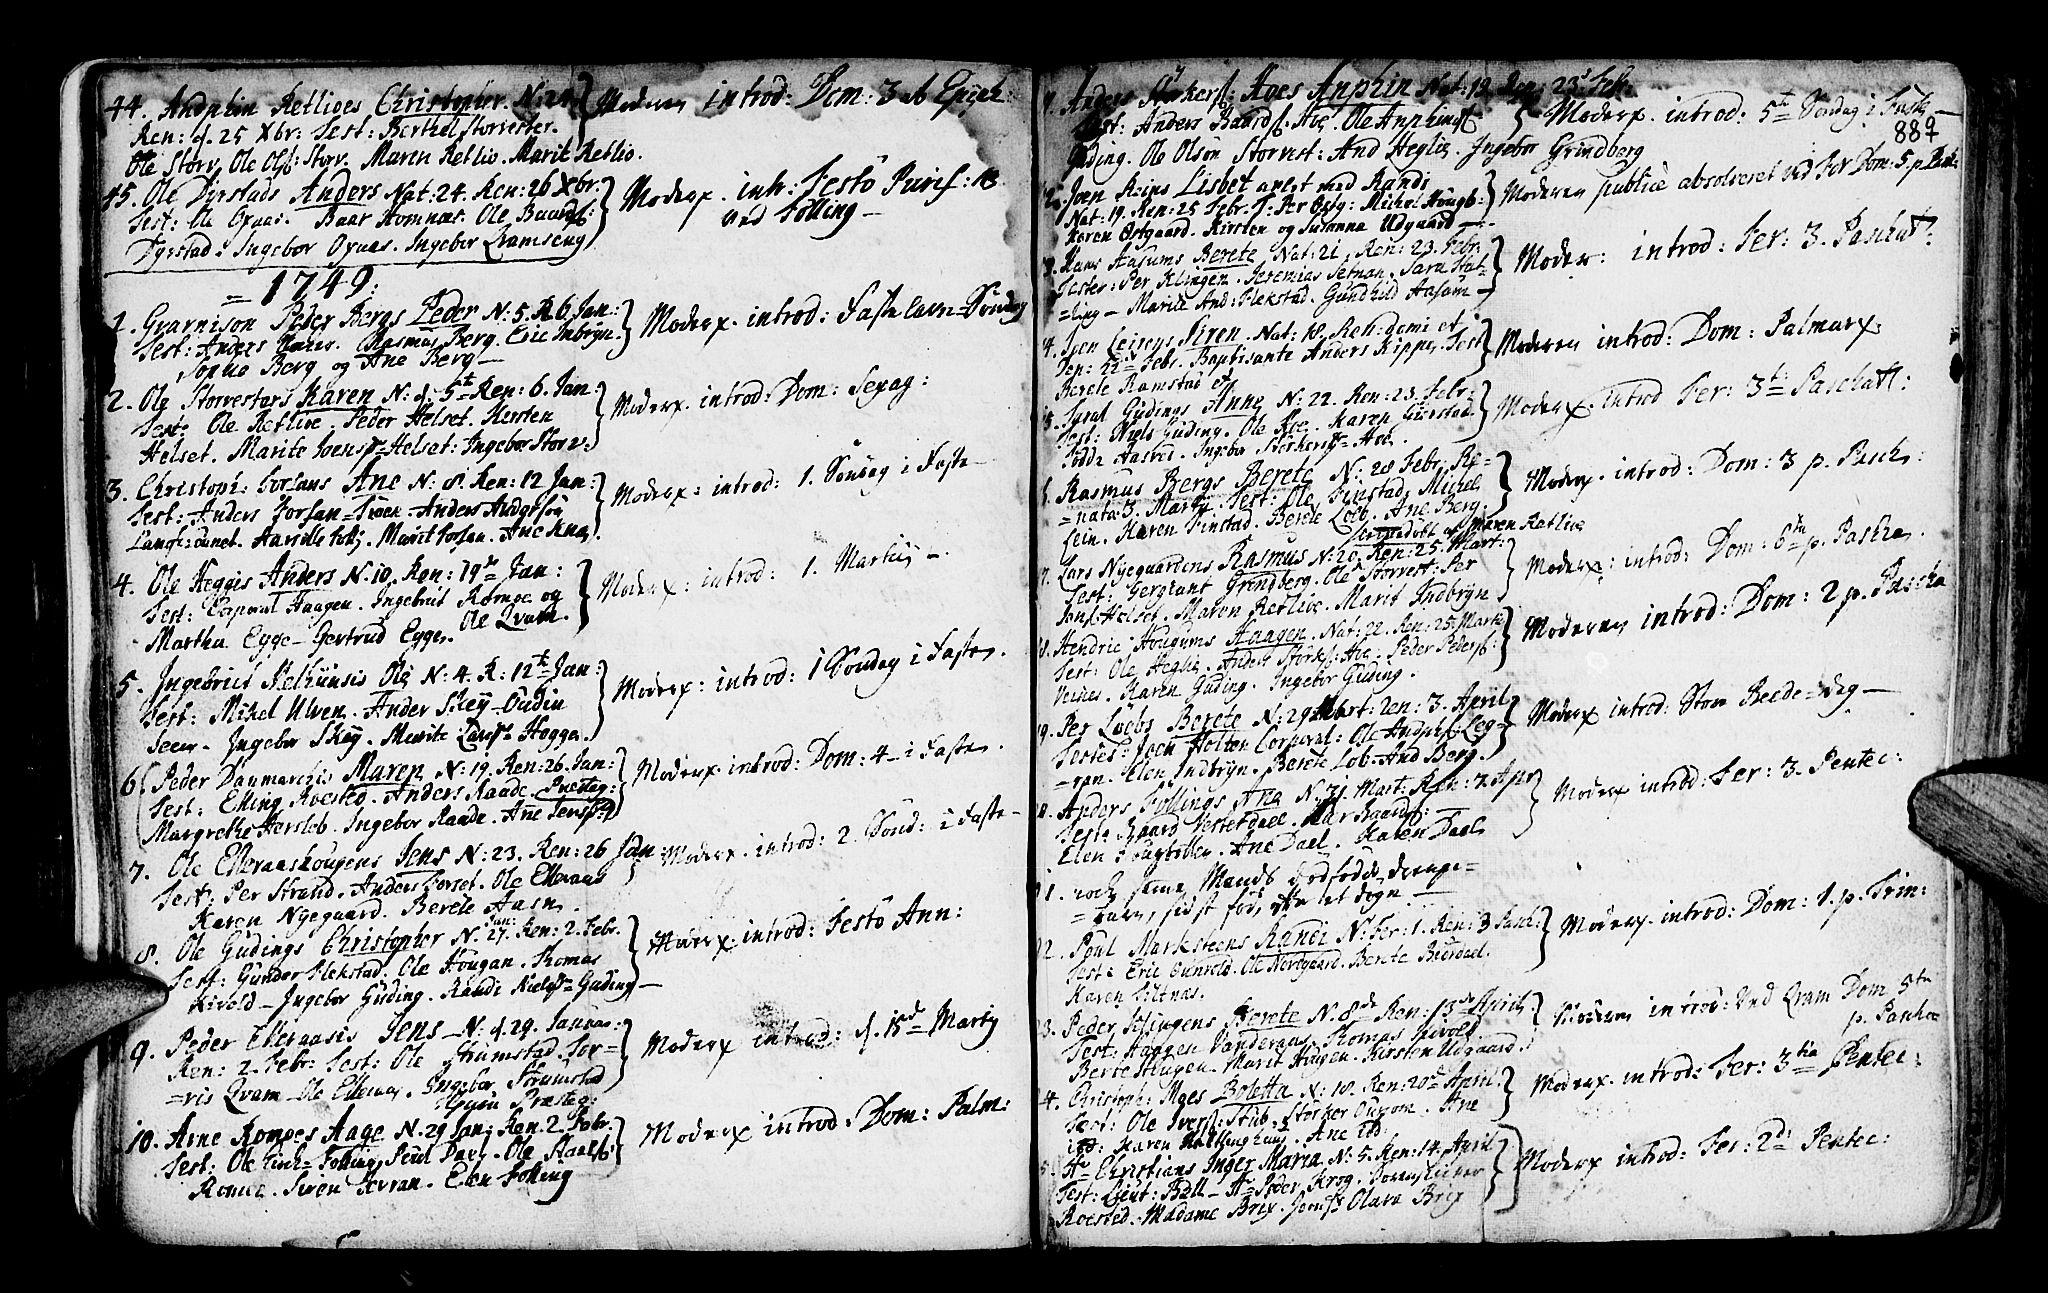 SAT, Ministerialprotokoller, klokkerbøker og fødselsregistre - Nord-Trøndelag, 746/L0439: Ministerialbok nr. 746A01, 1688-1759, s. 88q